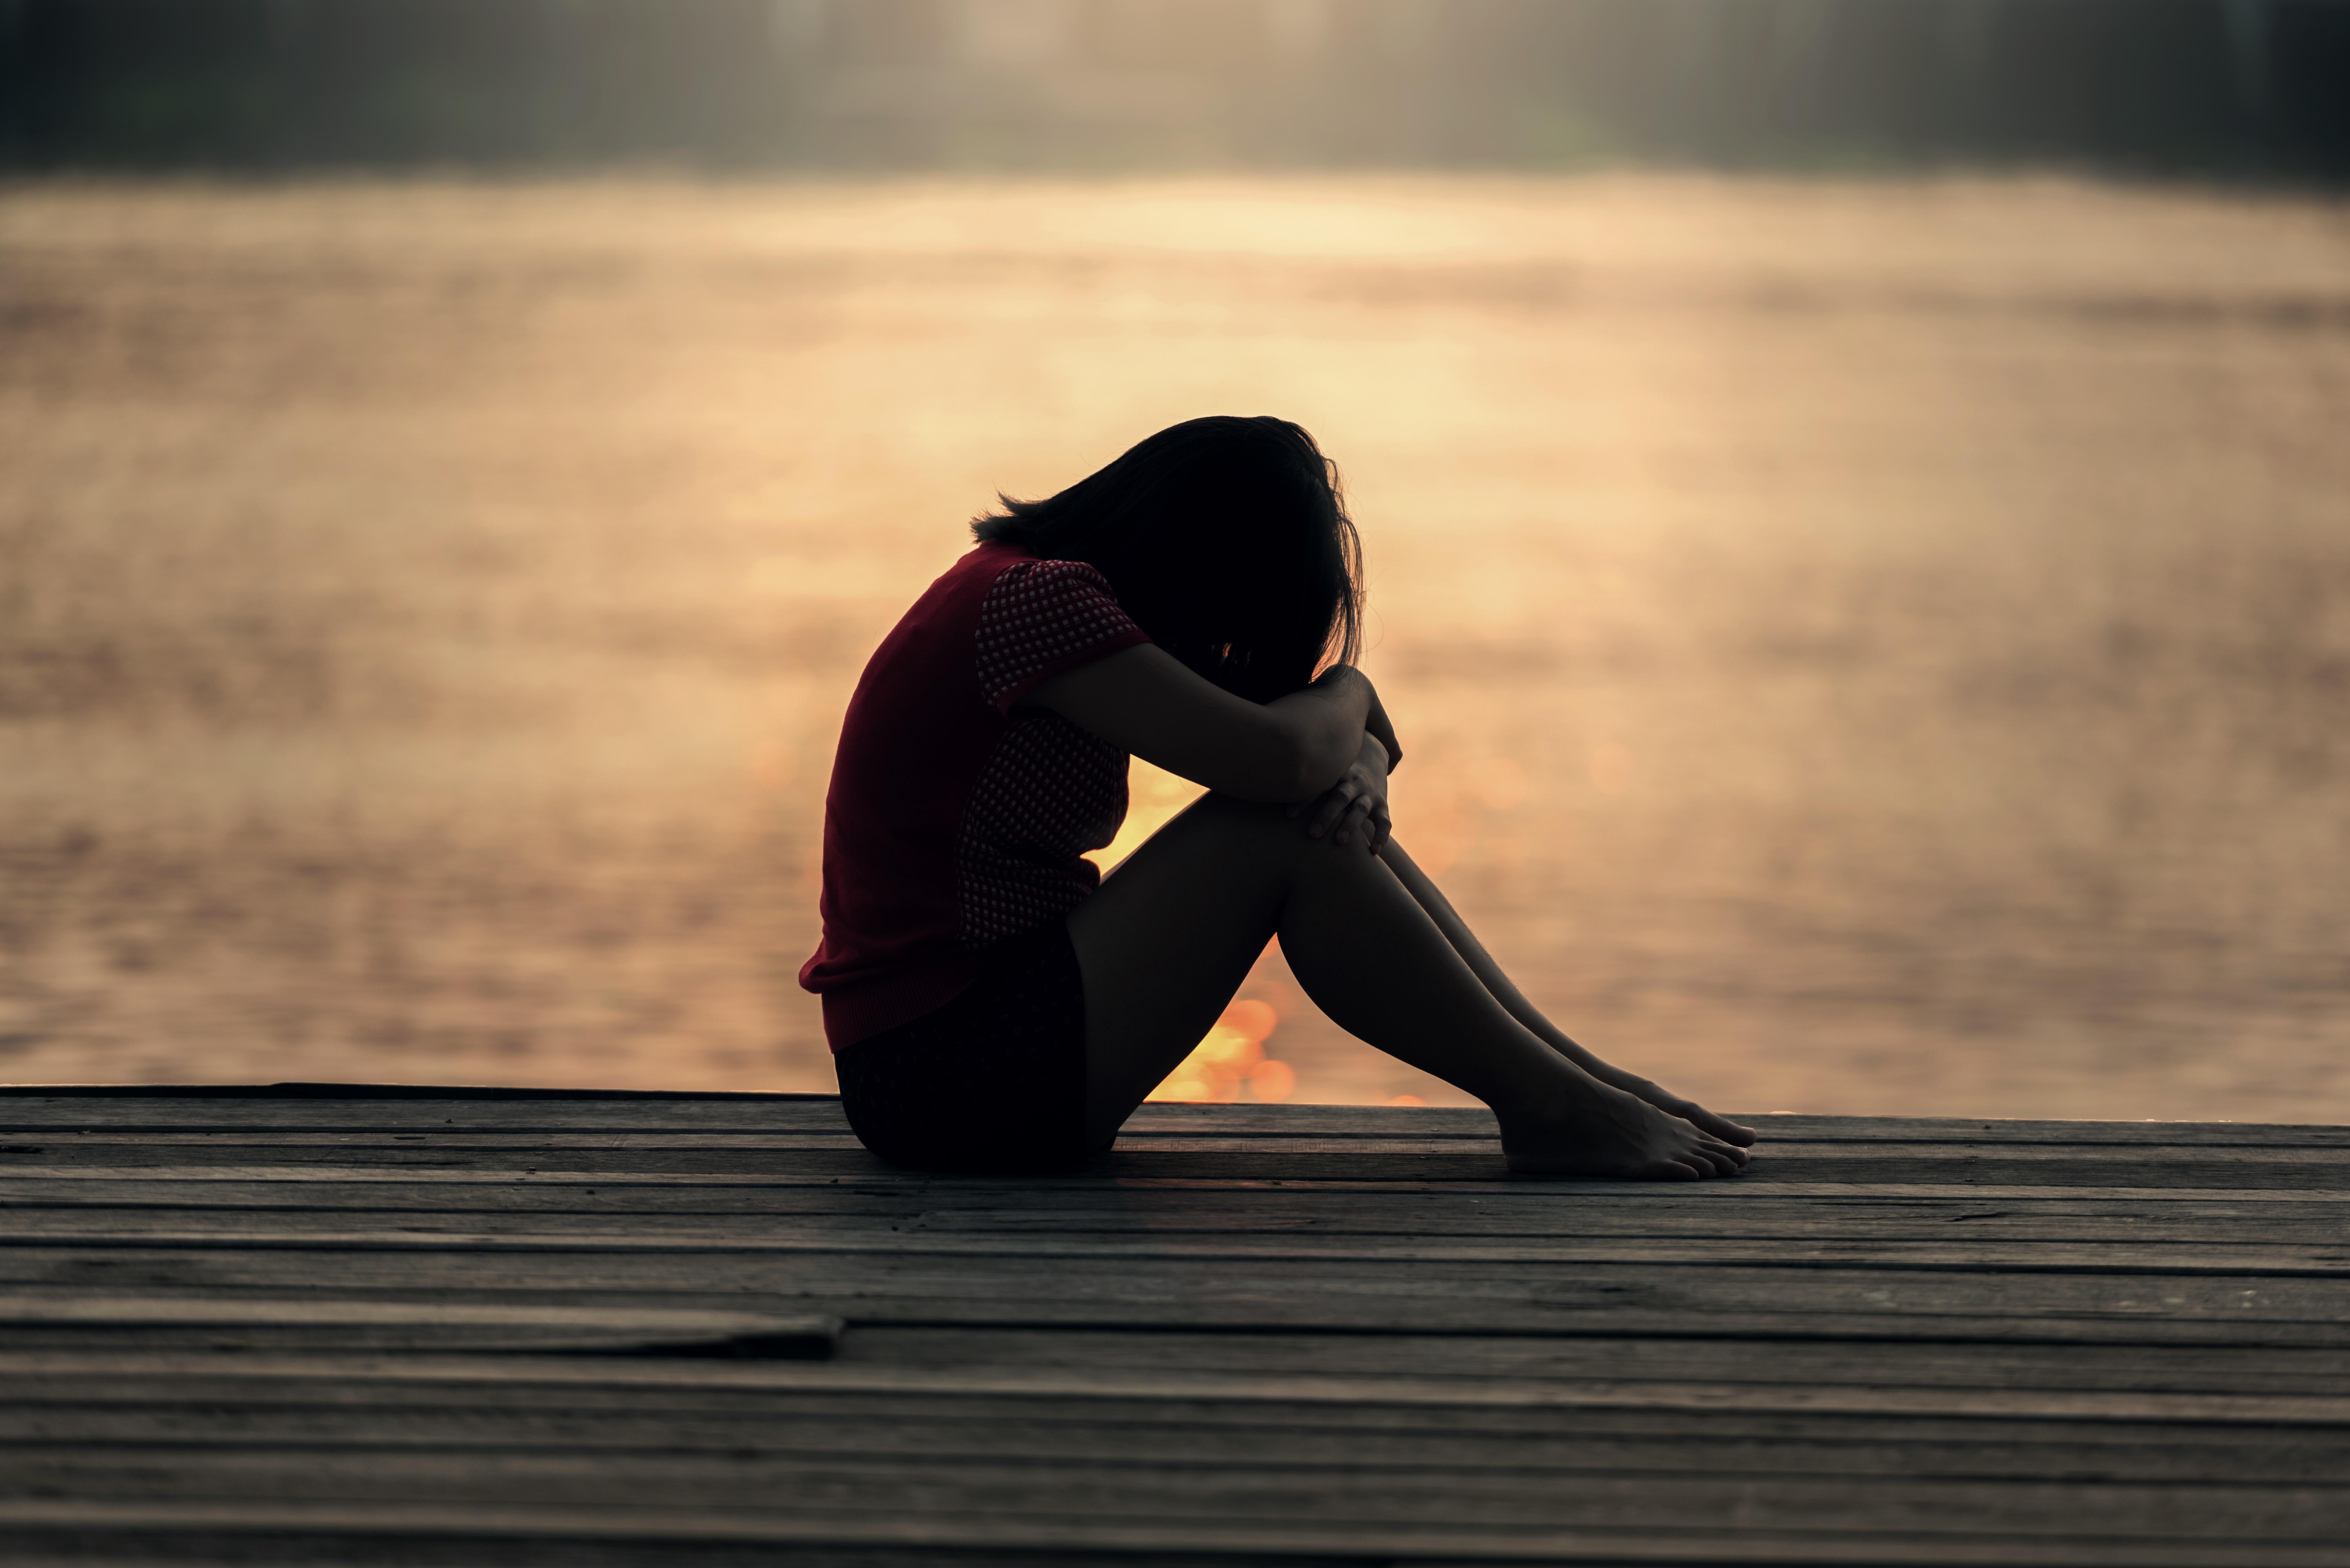 Картинки девушек грусть